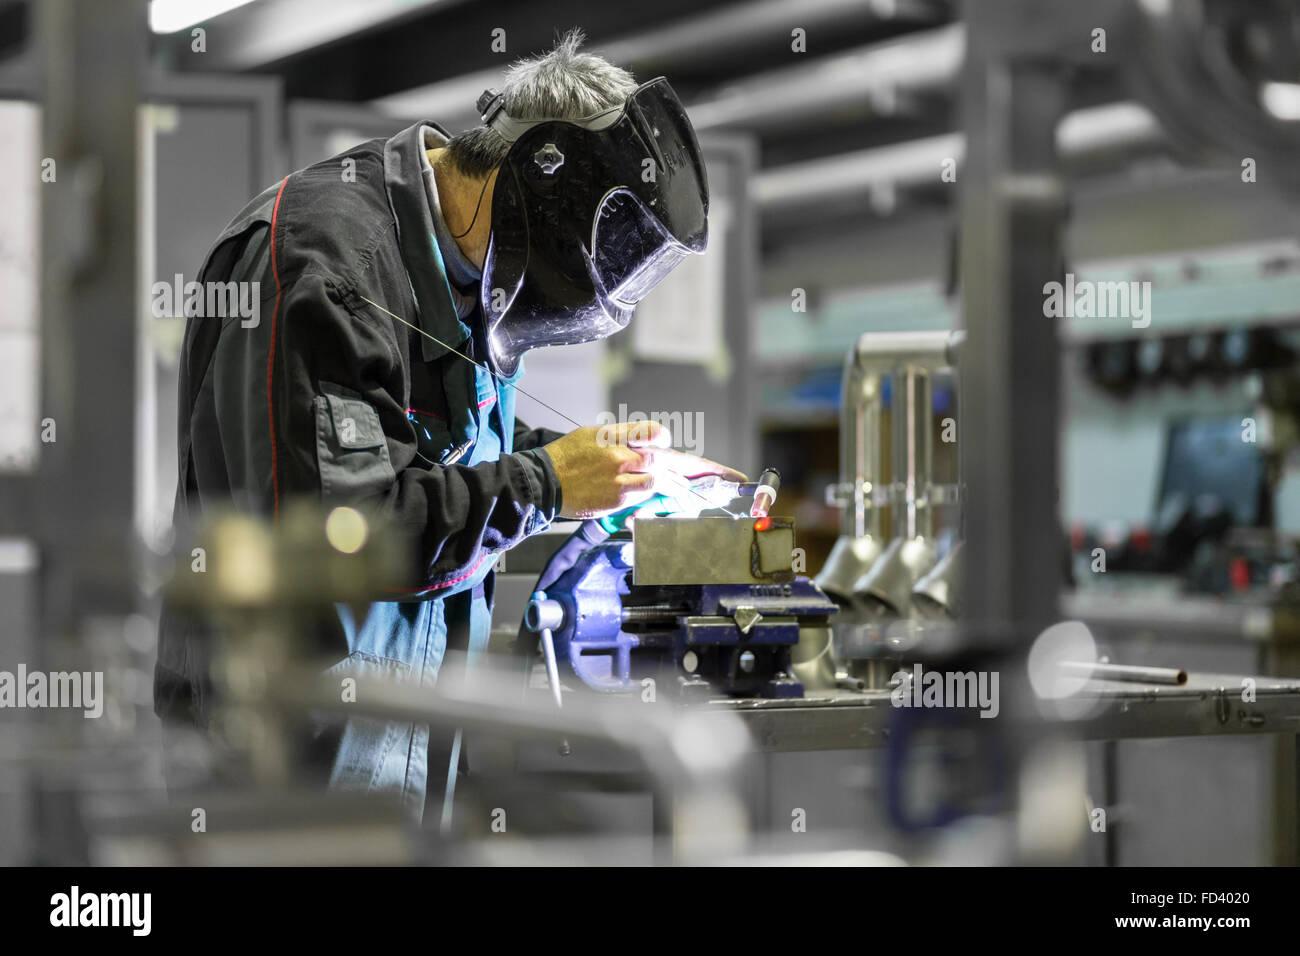 Industrial worker welding in metal factory. - Stock Image